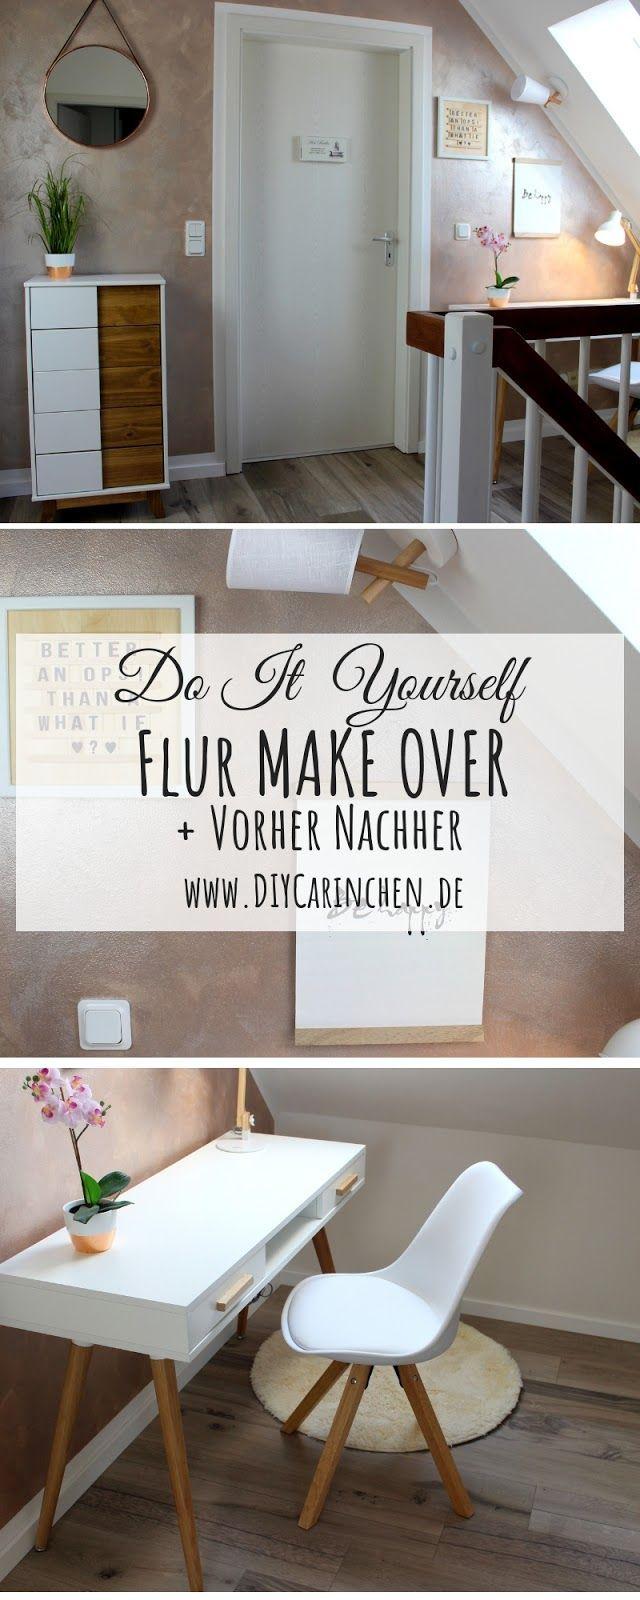 Diy Flur Make Over Inklusive Vorher Nachher Streich Tipps Vorhange Wohnzimmer Wohnen Coole Vorhange